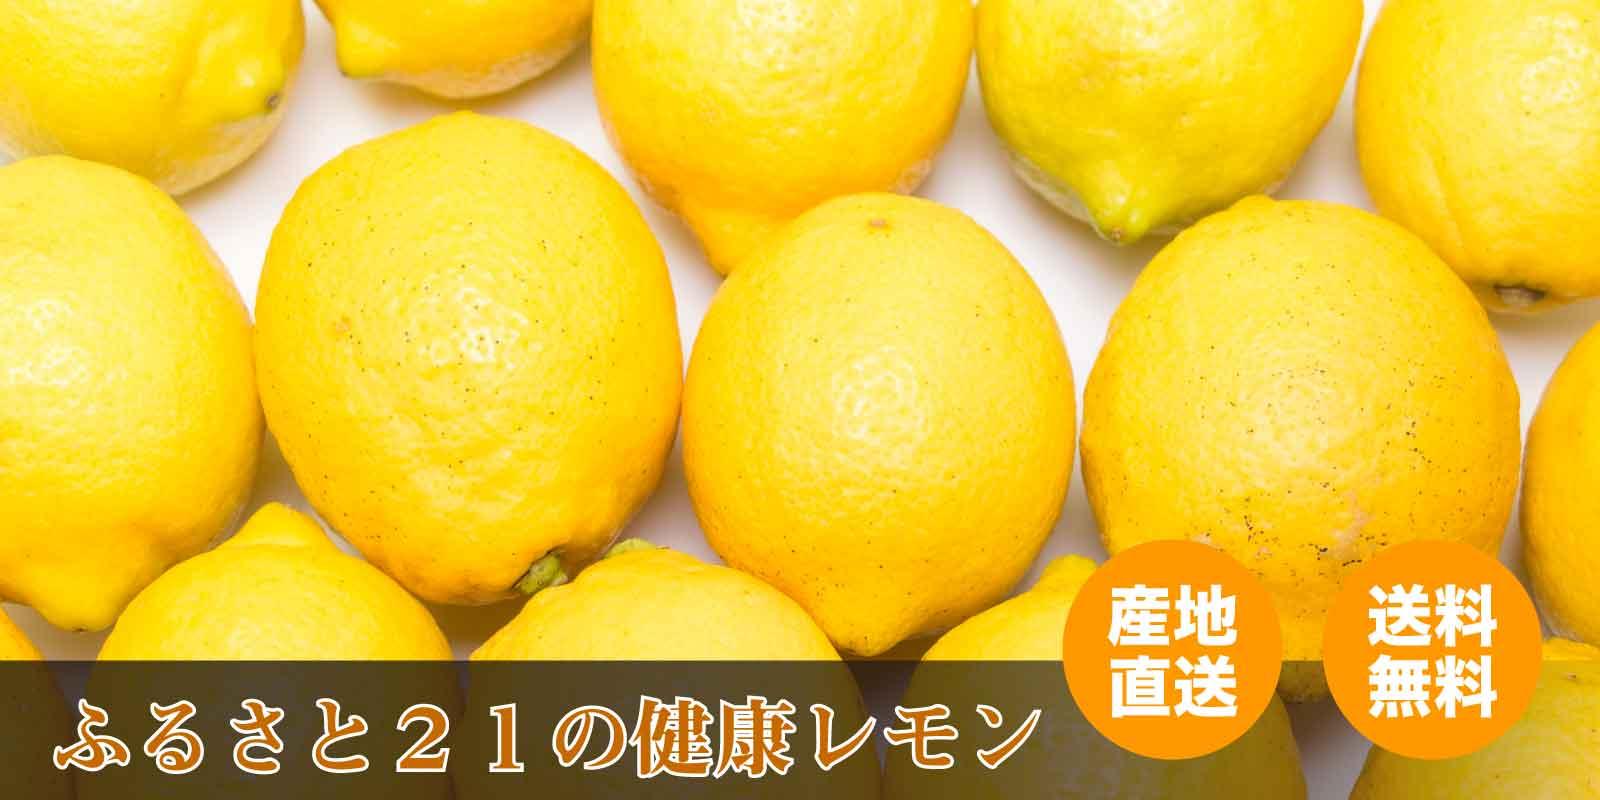 有機JAS・特別栽培の梅